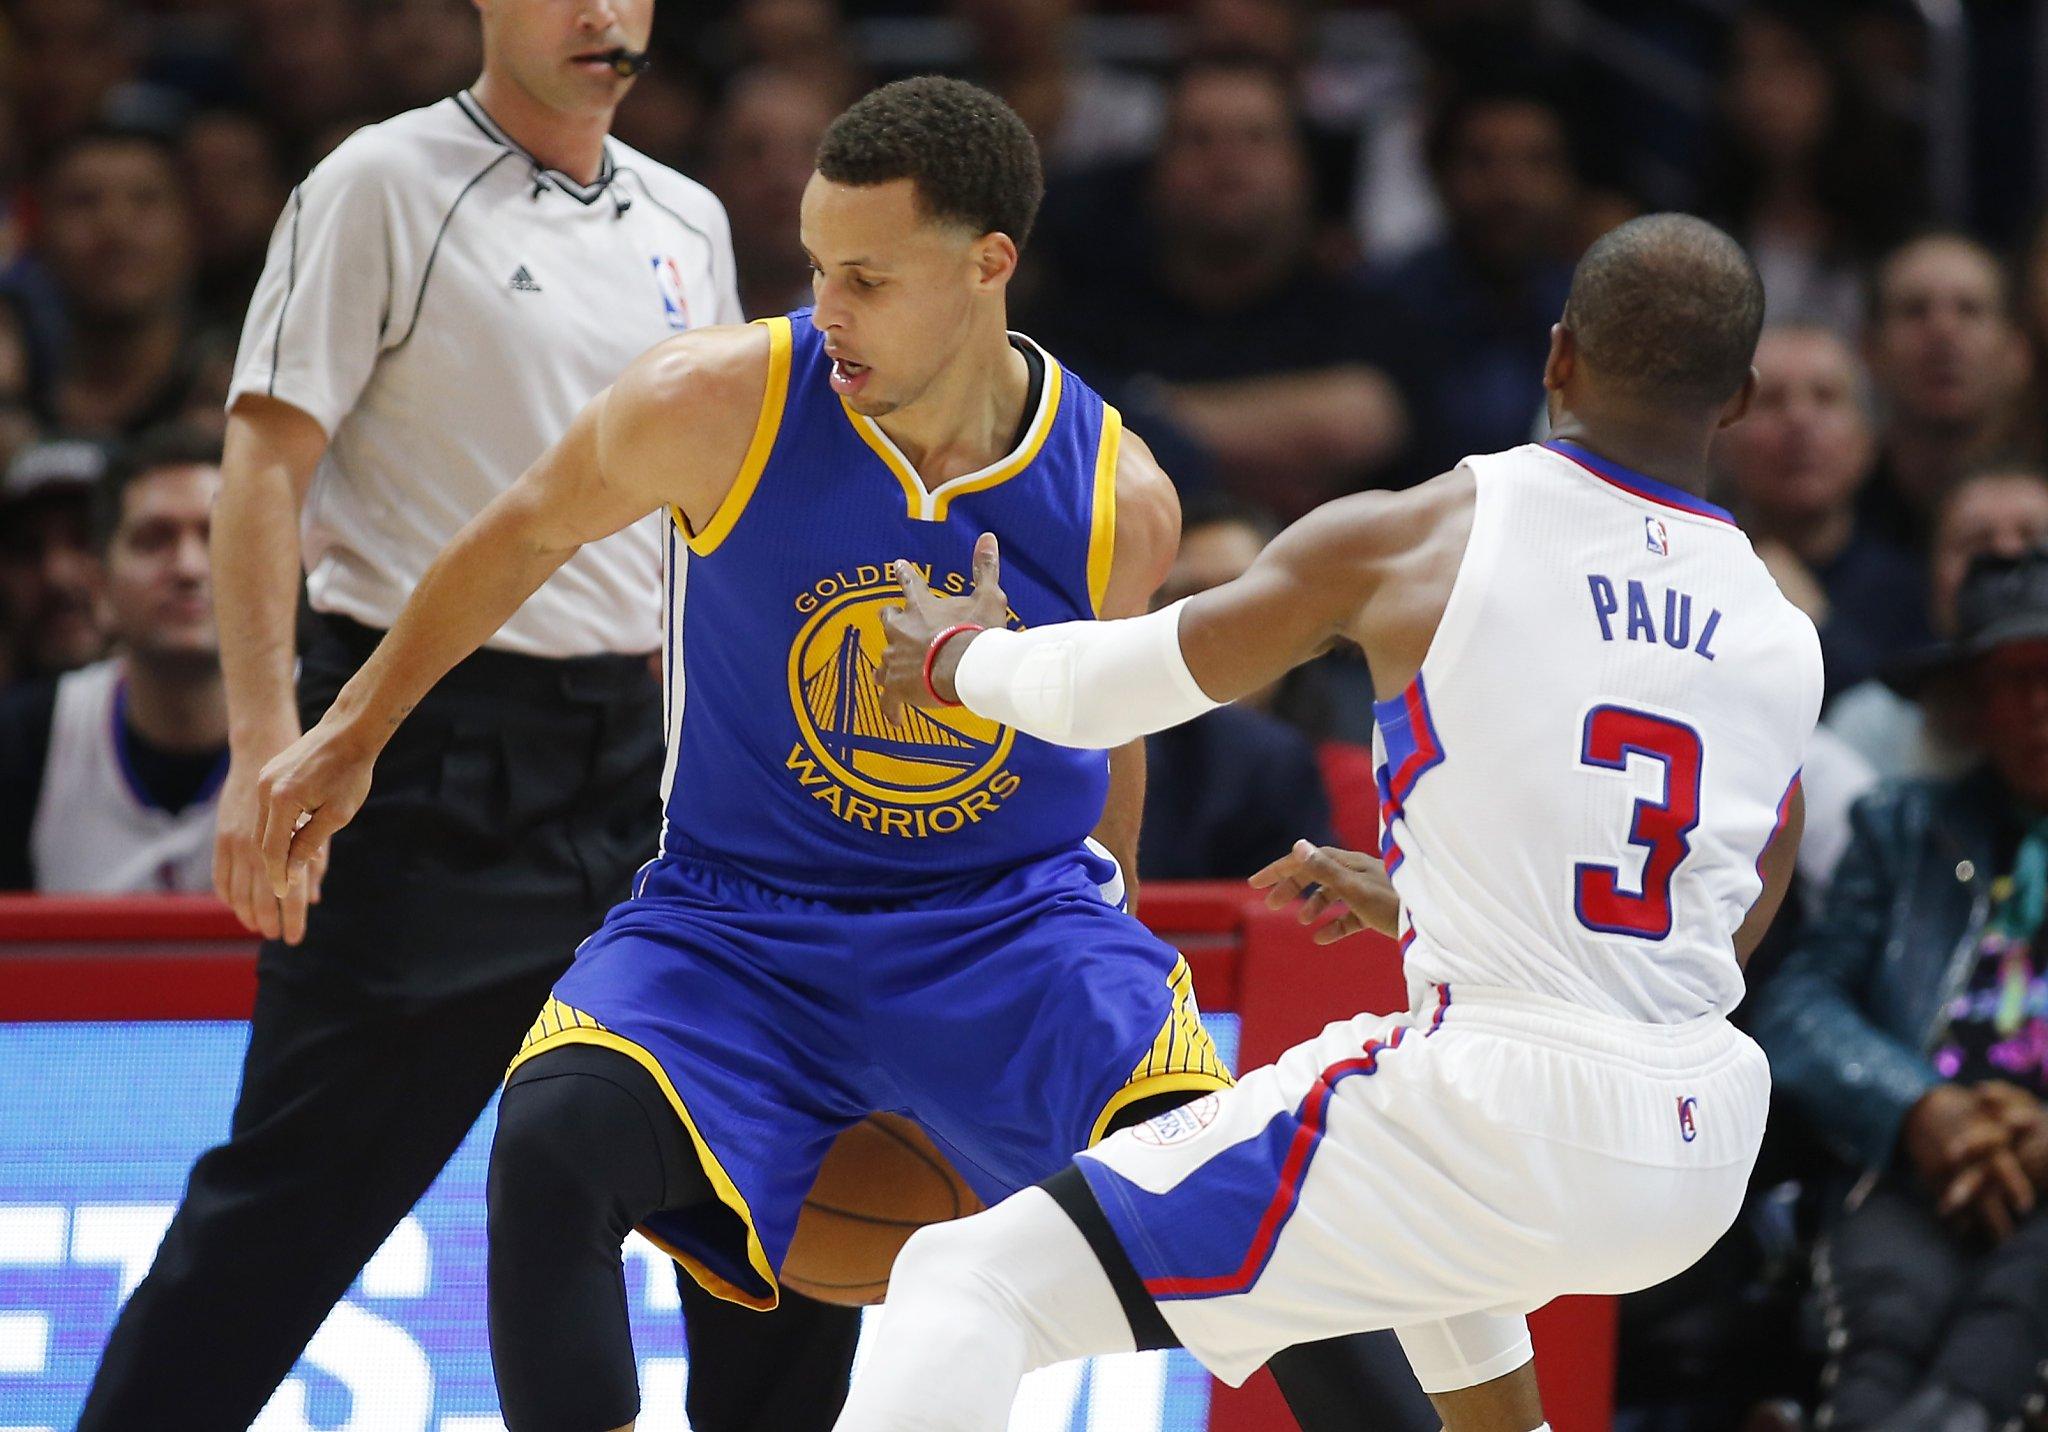 【影片】Curry直播連線保羅:你晃倒了我三次,我才晃倒了你一次!